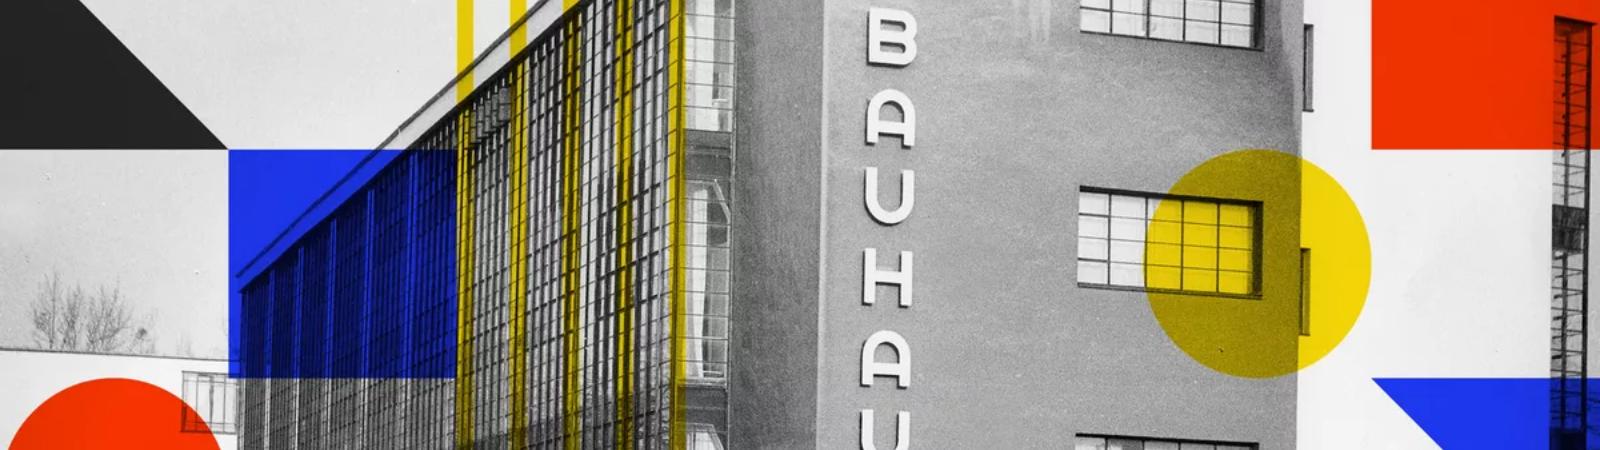 Bauhaus: The Making of Modern: Resources